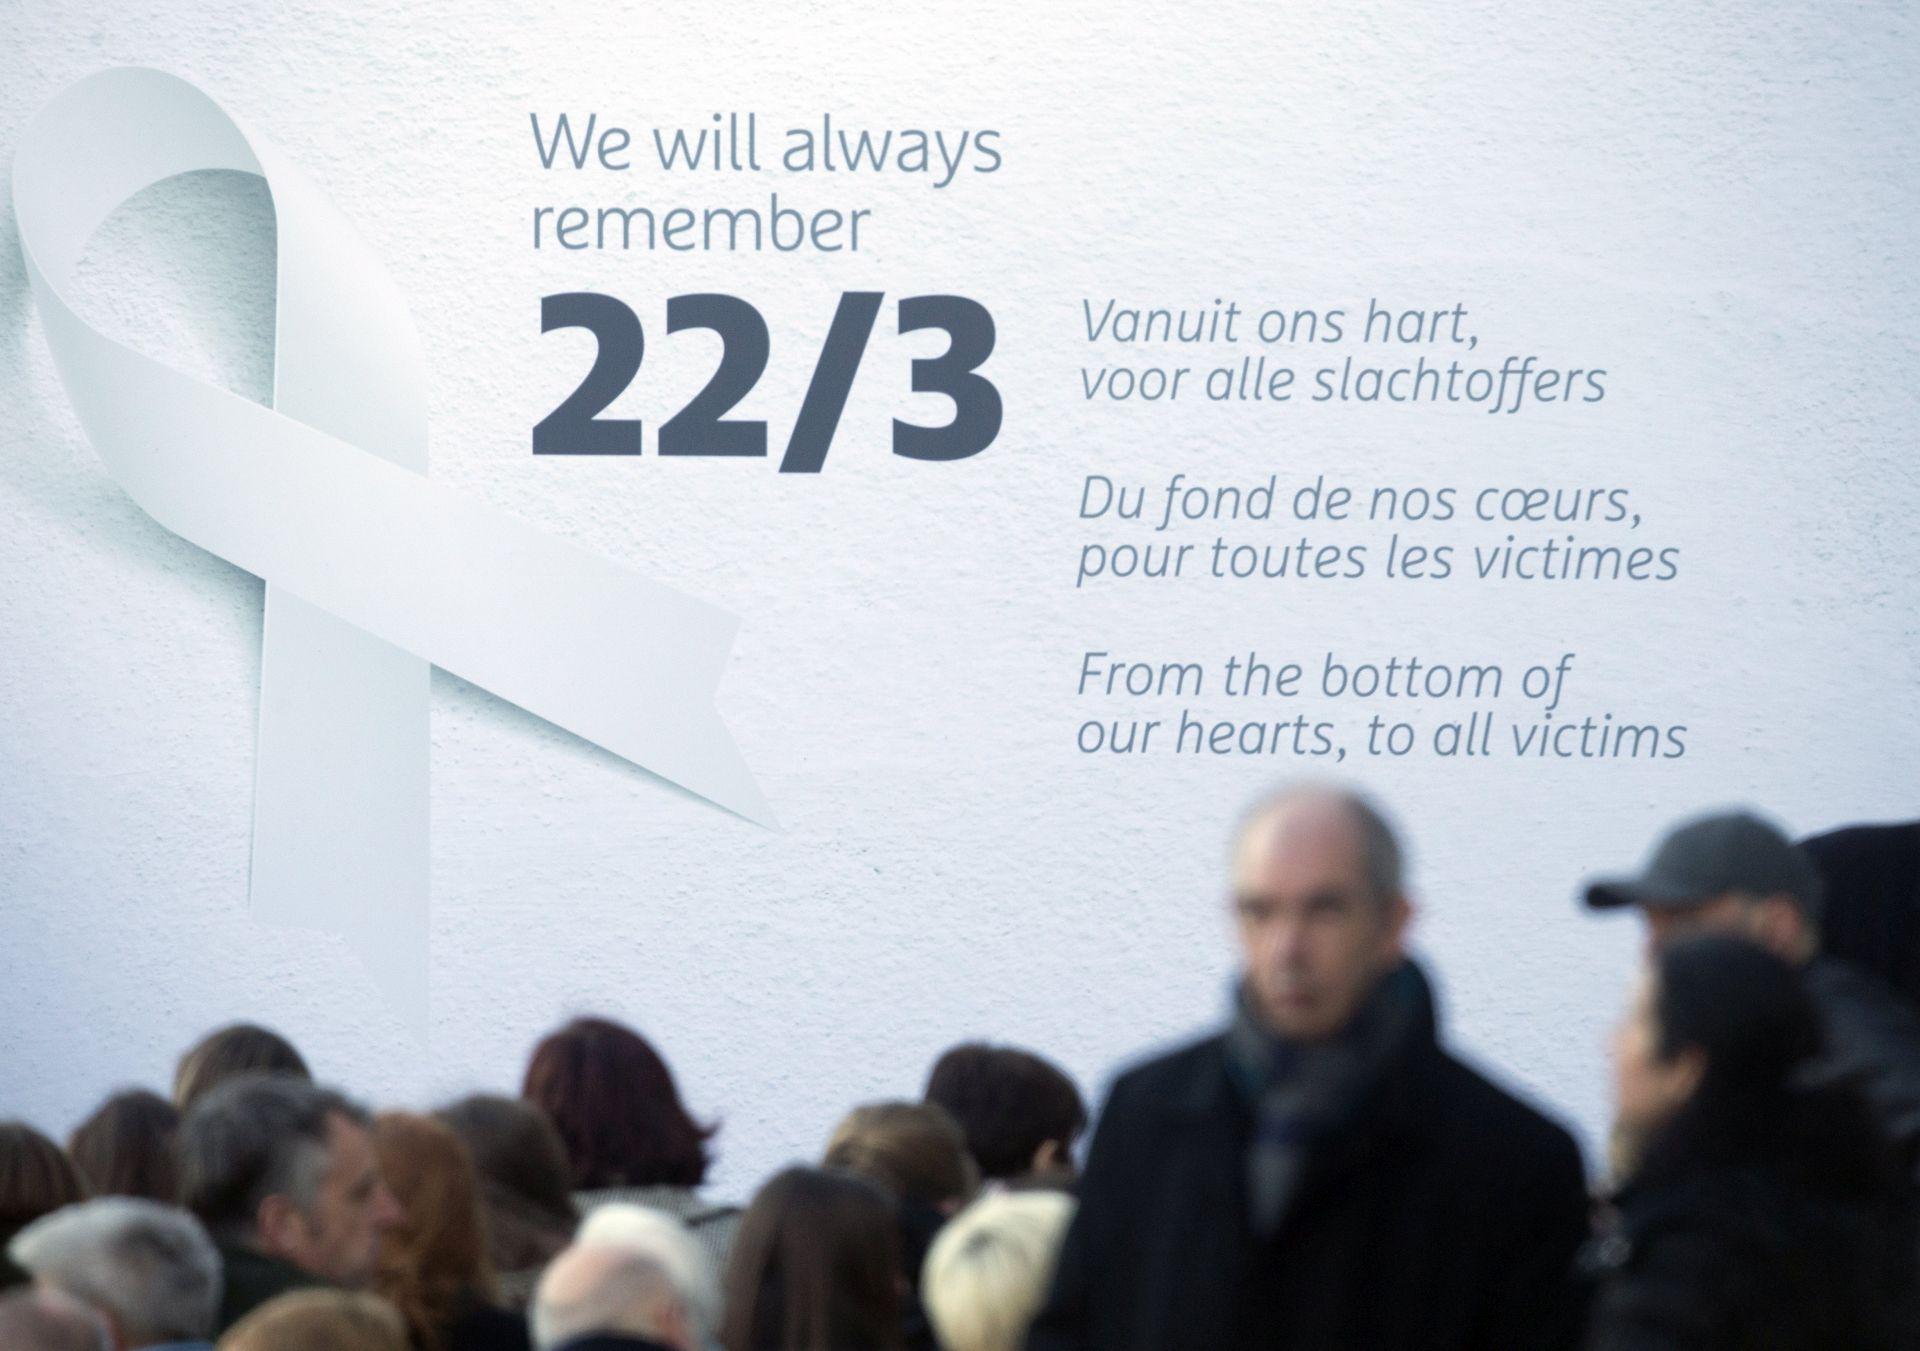 Belgija se danas prisjeća najgorih atentata u svojoj povijesti